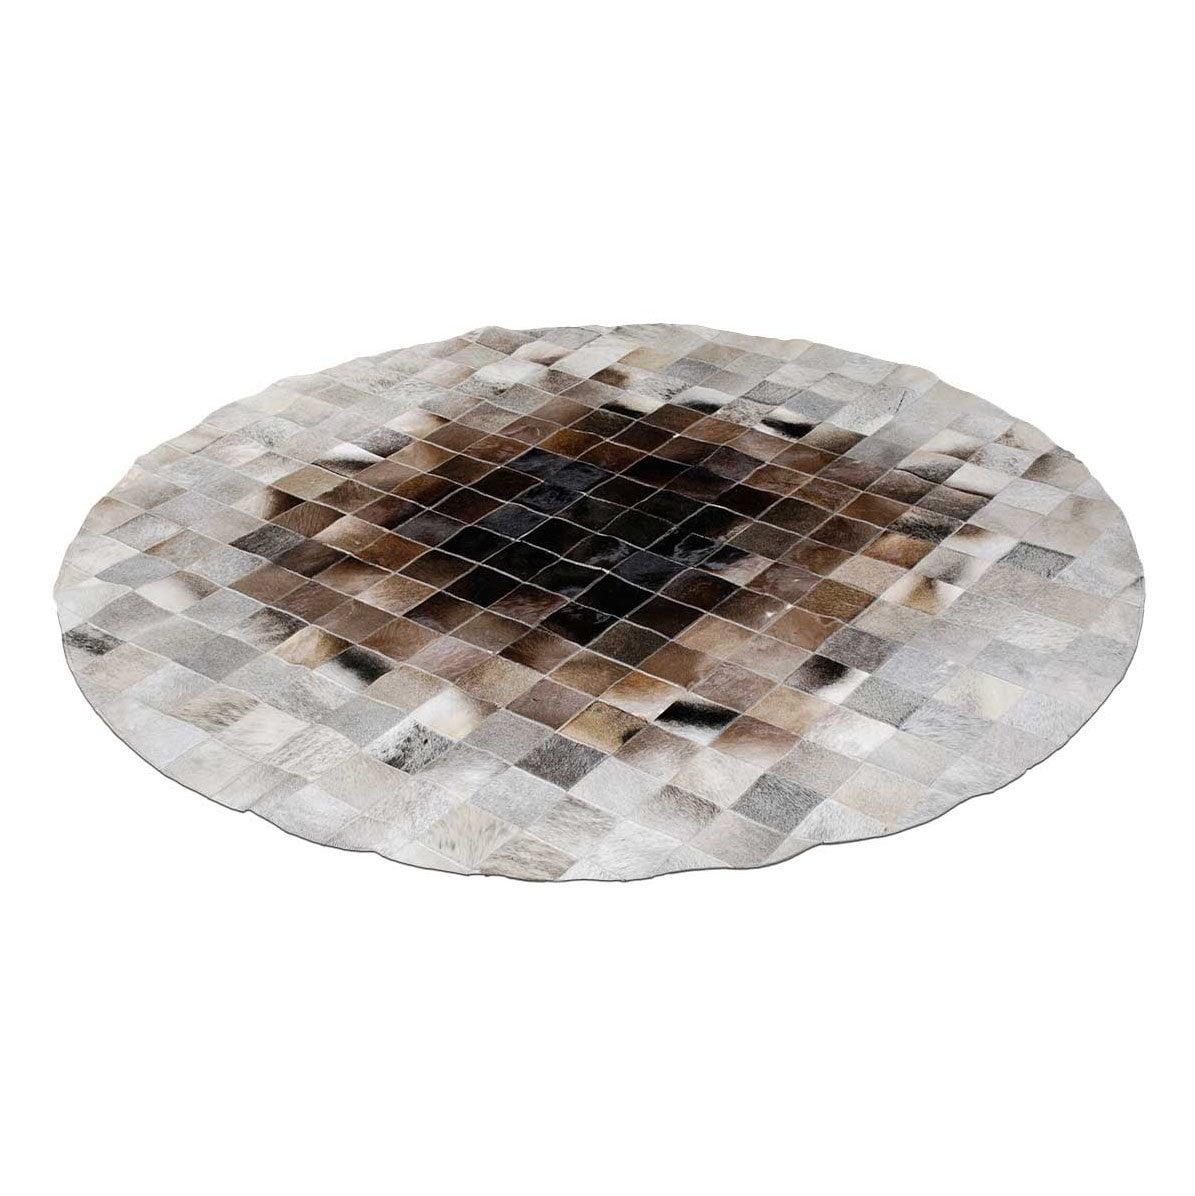 Runder Teppich <br> Beiges und Braunes Rindsleder